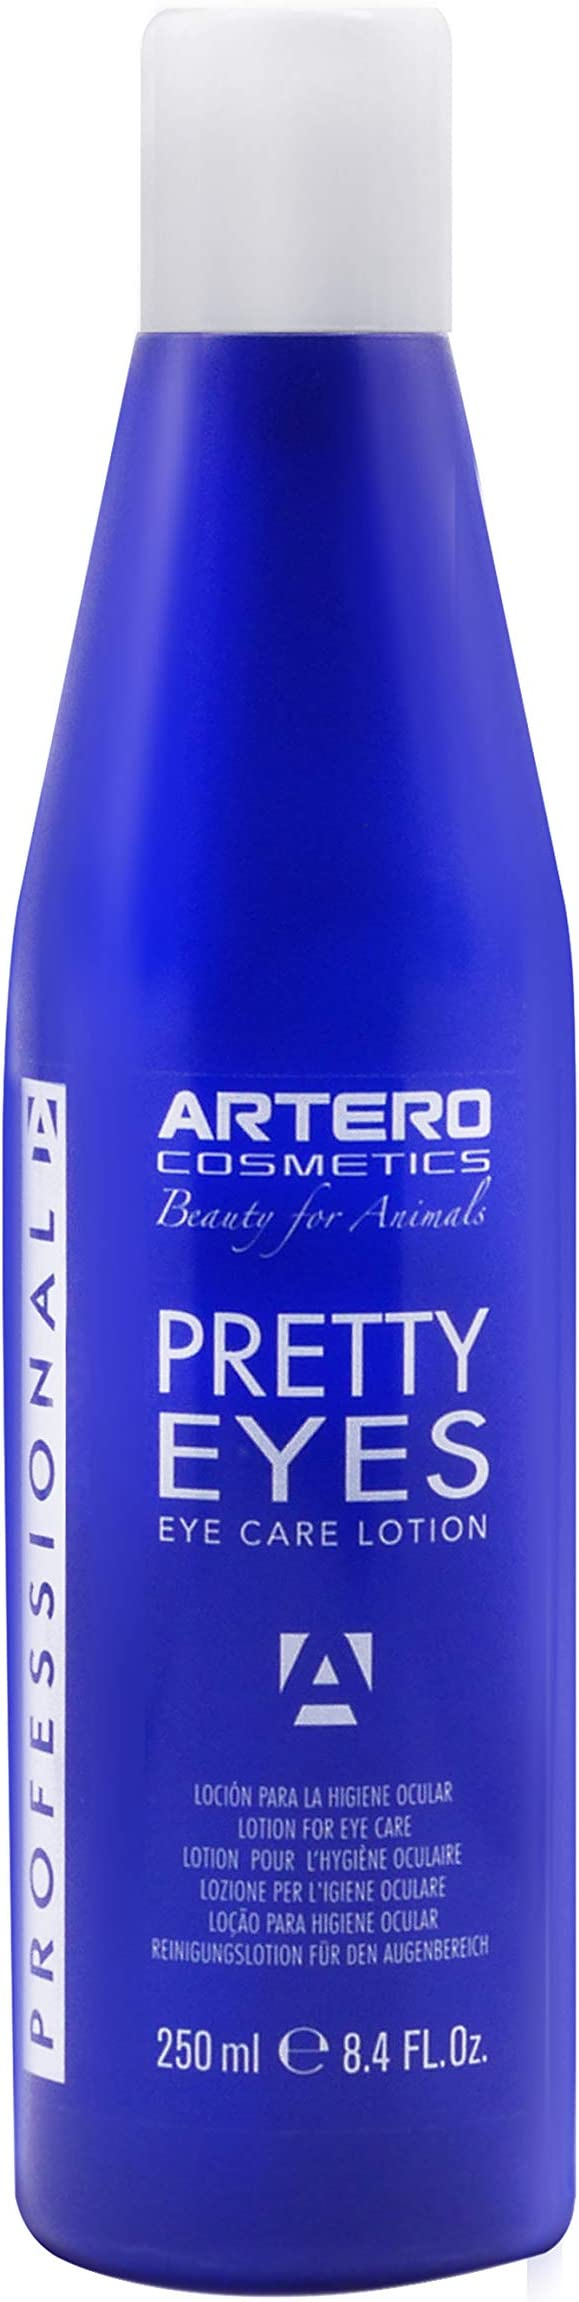 Artero Pretty Eyes. Limpiador ocular. Elimina manchas del lagrimal de perros y gatos.: Amazon.es: Oficina y papelería